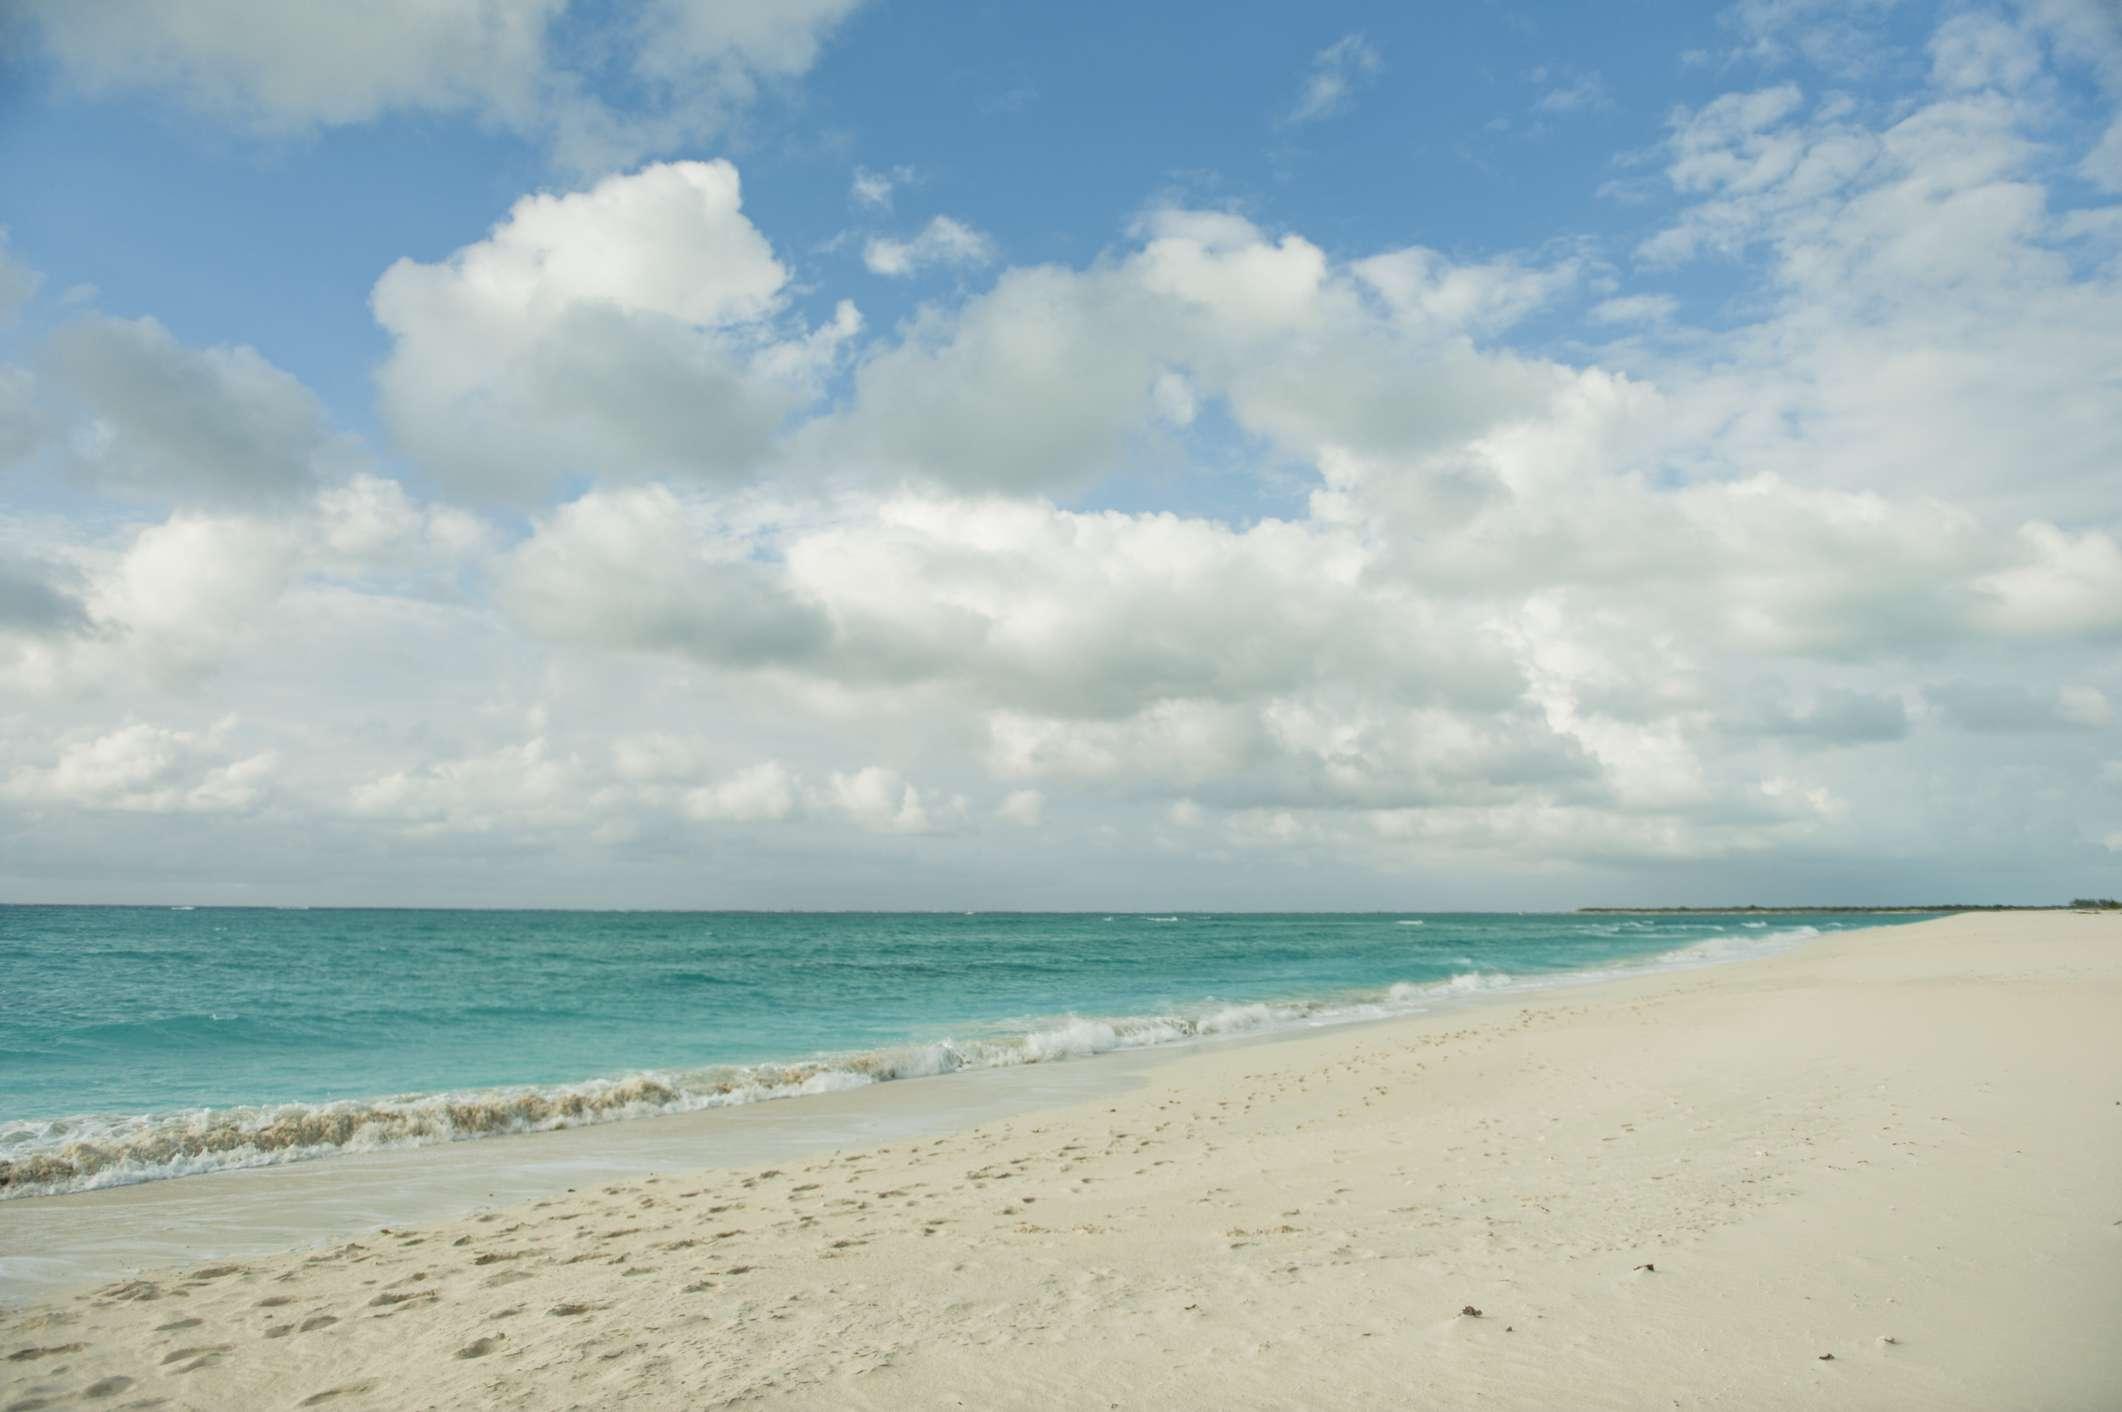 Cove Beach, South Caicos